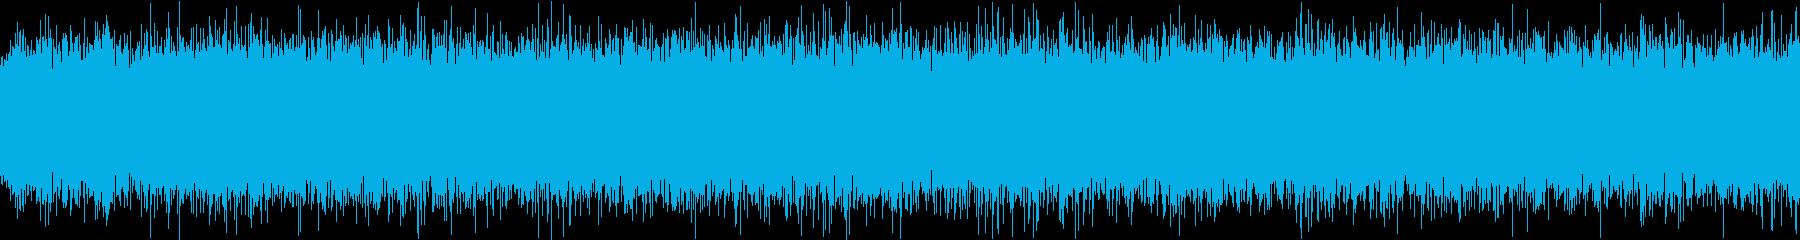 ザァー(FMラジオのノイズF)ループ処理の再生済みの波形